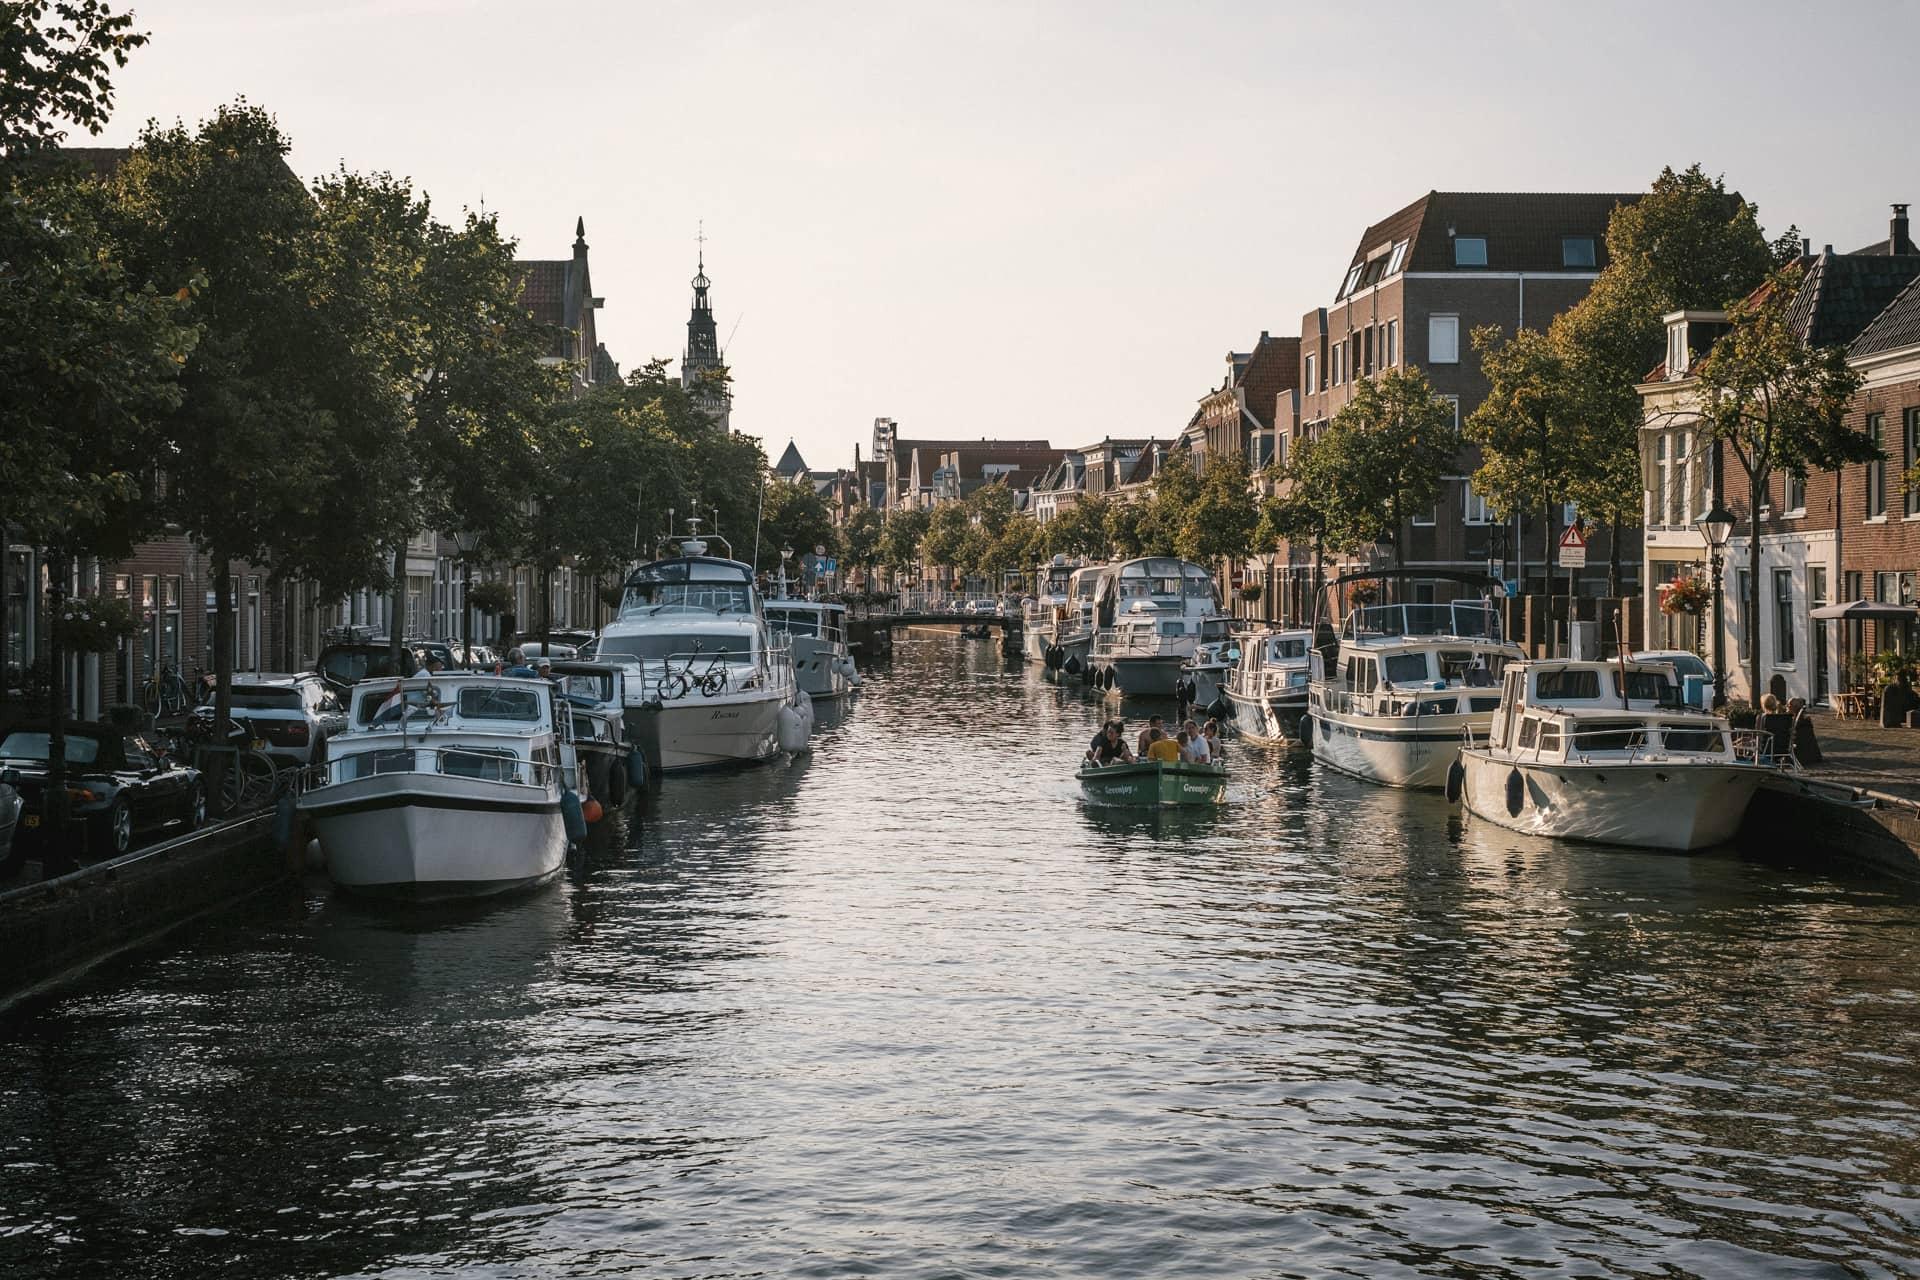 Les canaux sont très présents dans le centre d'Alkmaar